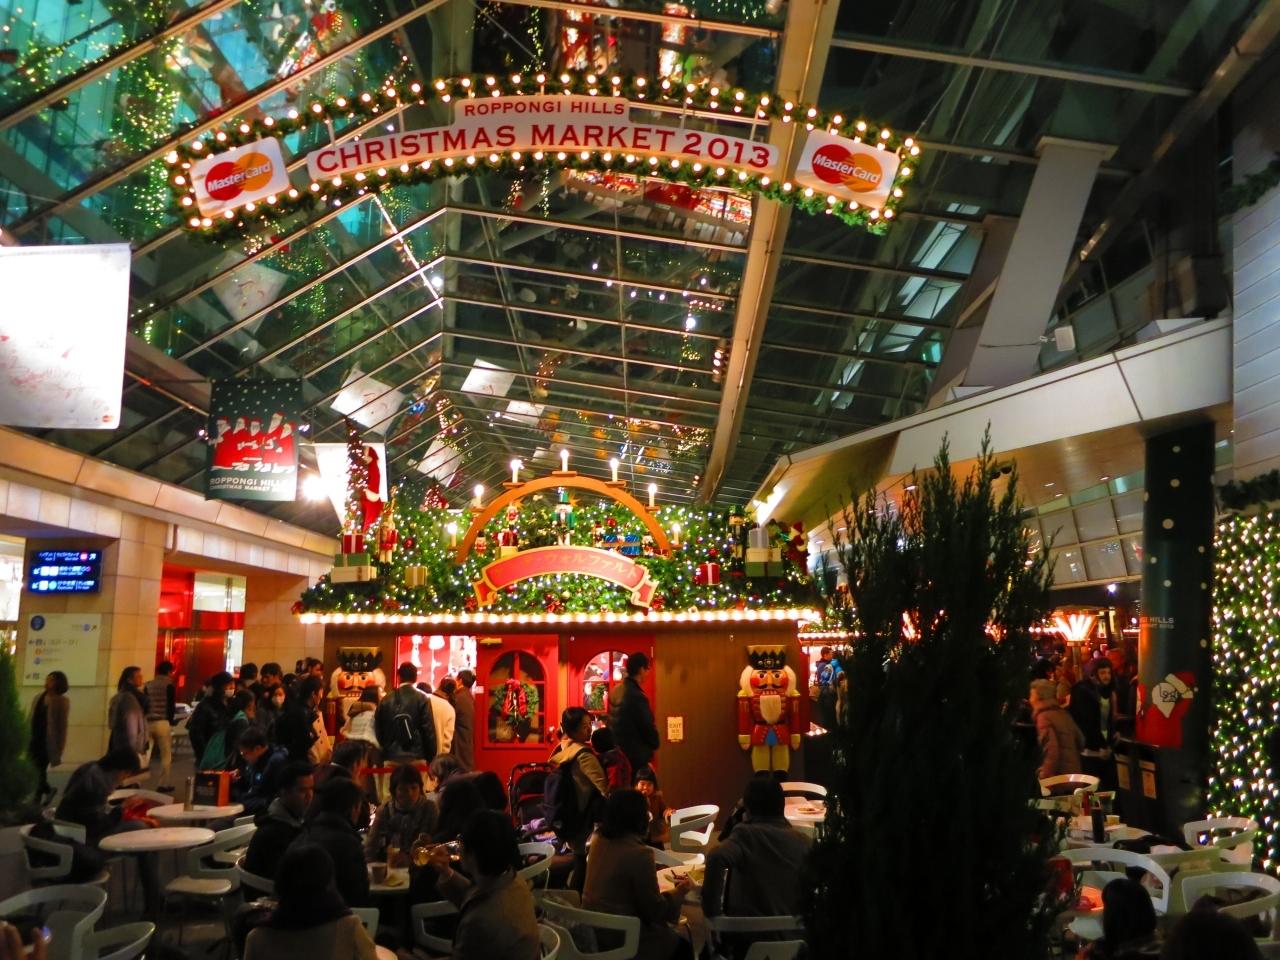 六本木ヒルズのクリスマスマーケット(クリスマスマーケット 2015)